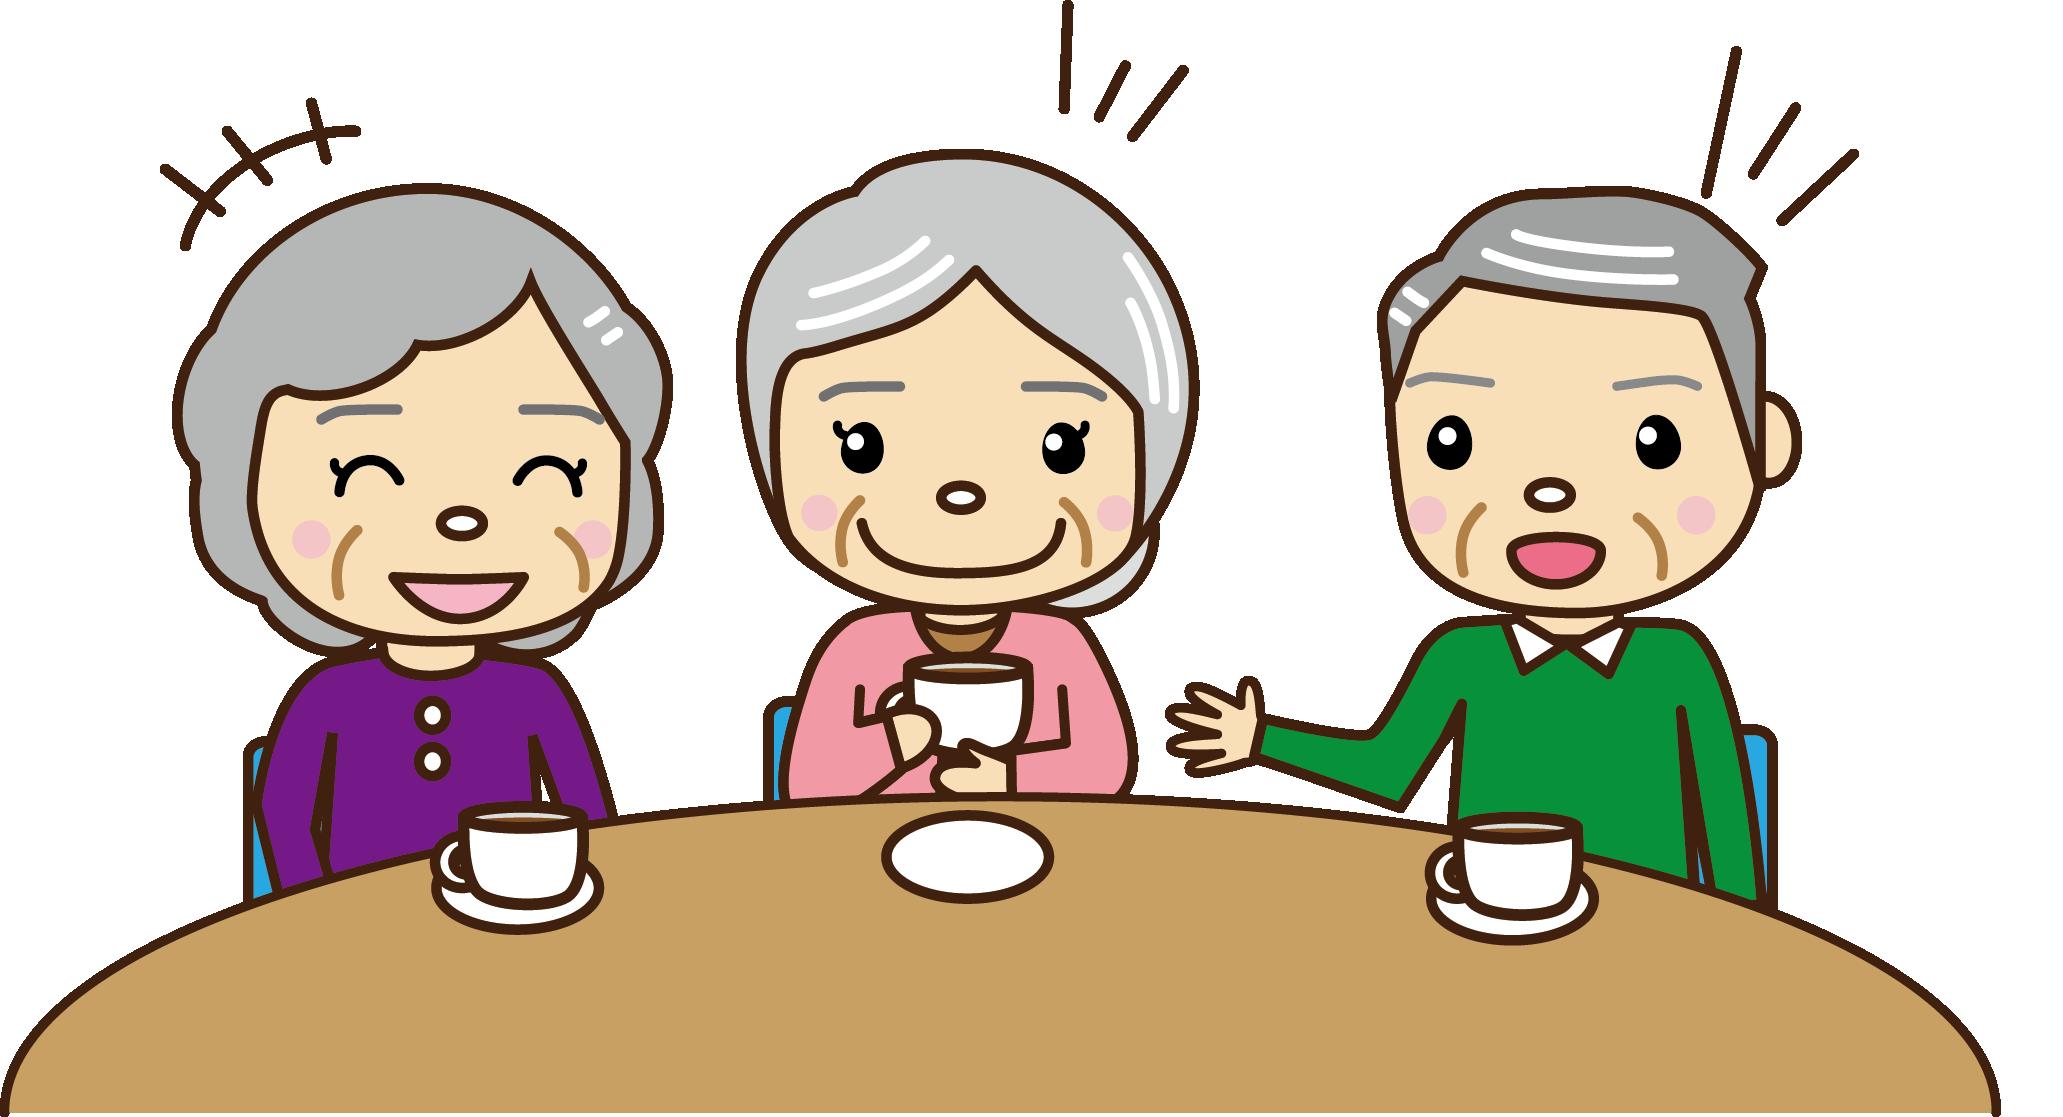 134いきいきサロンお茶会(コーヒー)のイラスト